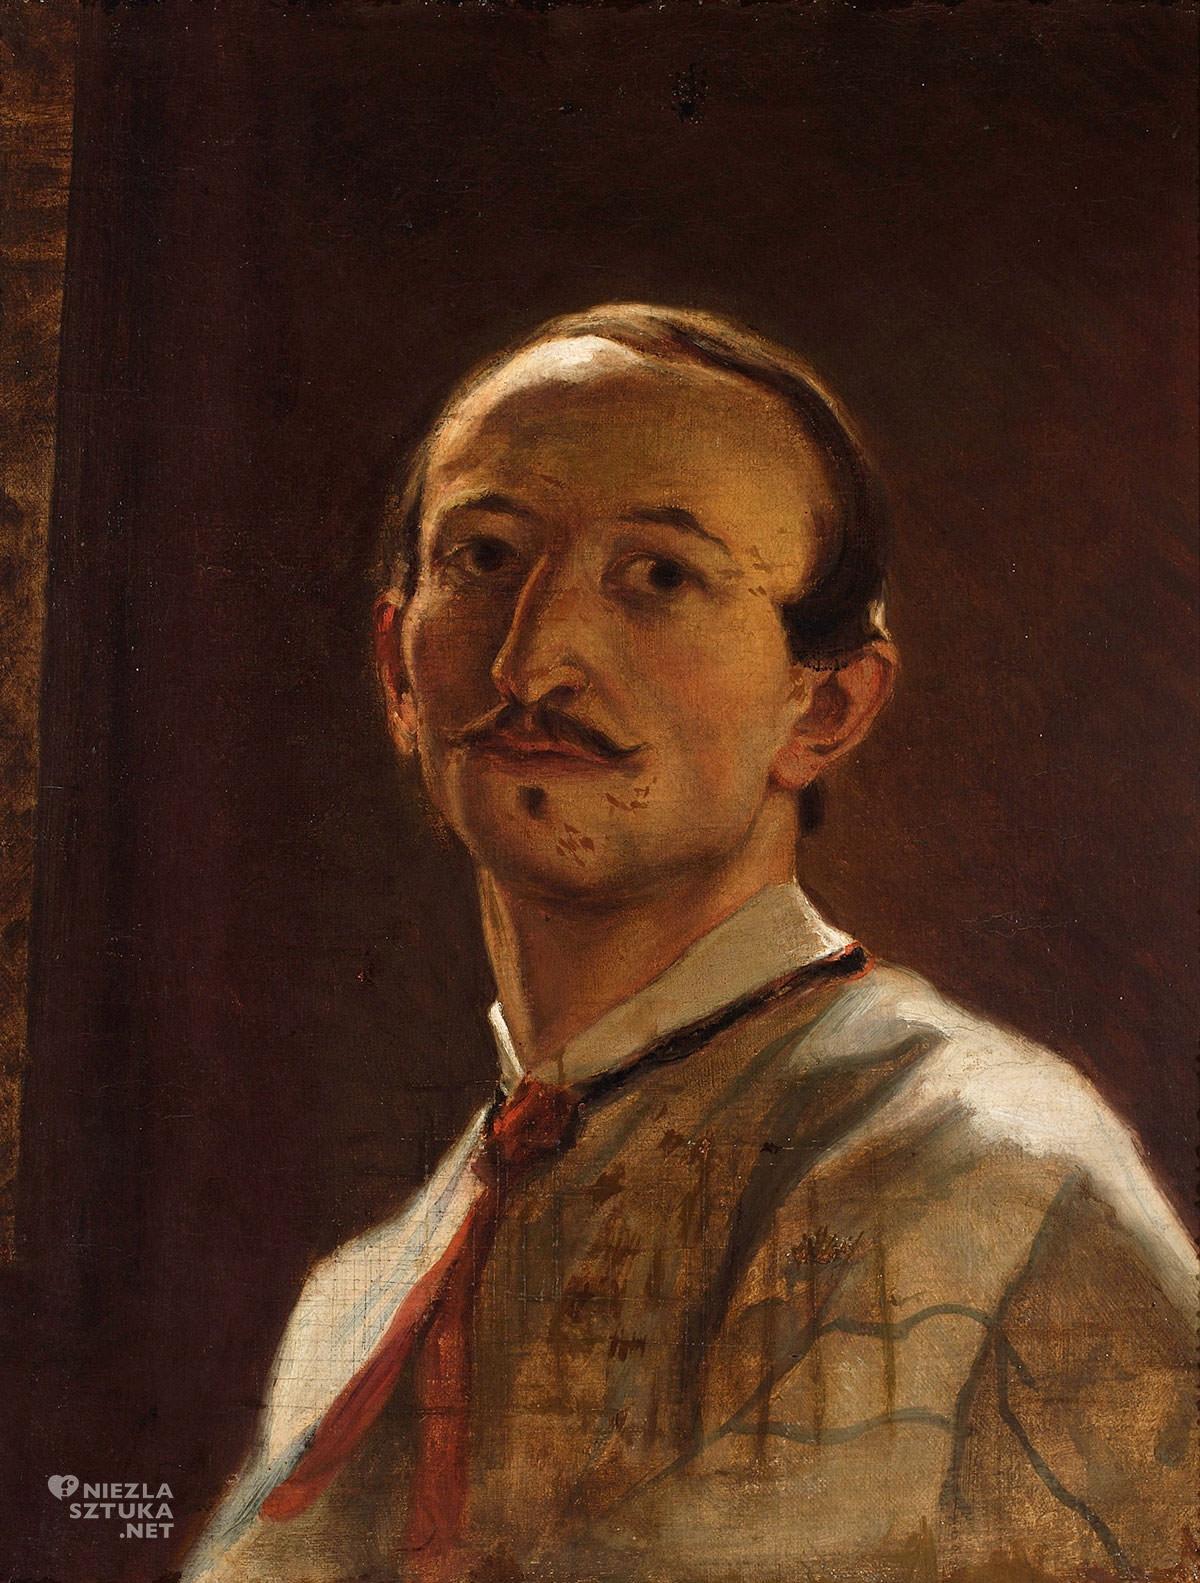 Artur Grottger, Portret własny, Autoportret, sztuka polska, Niezła Sztuka